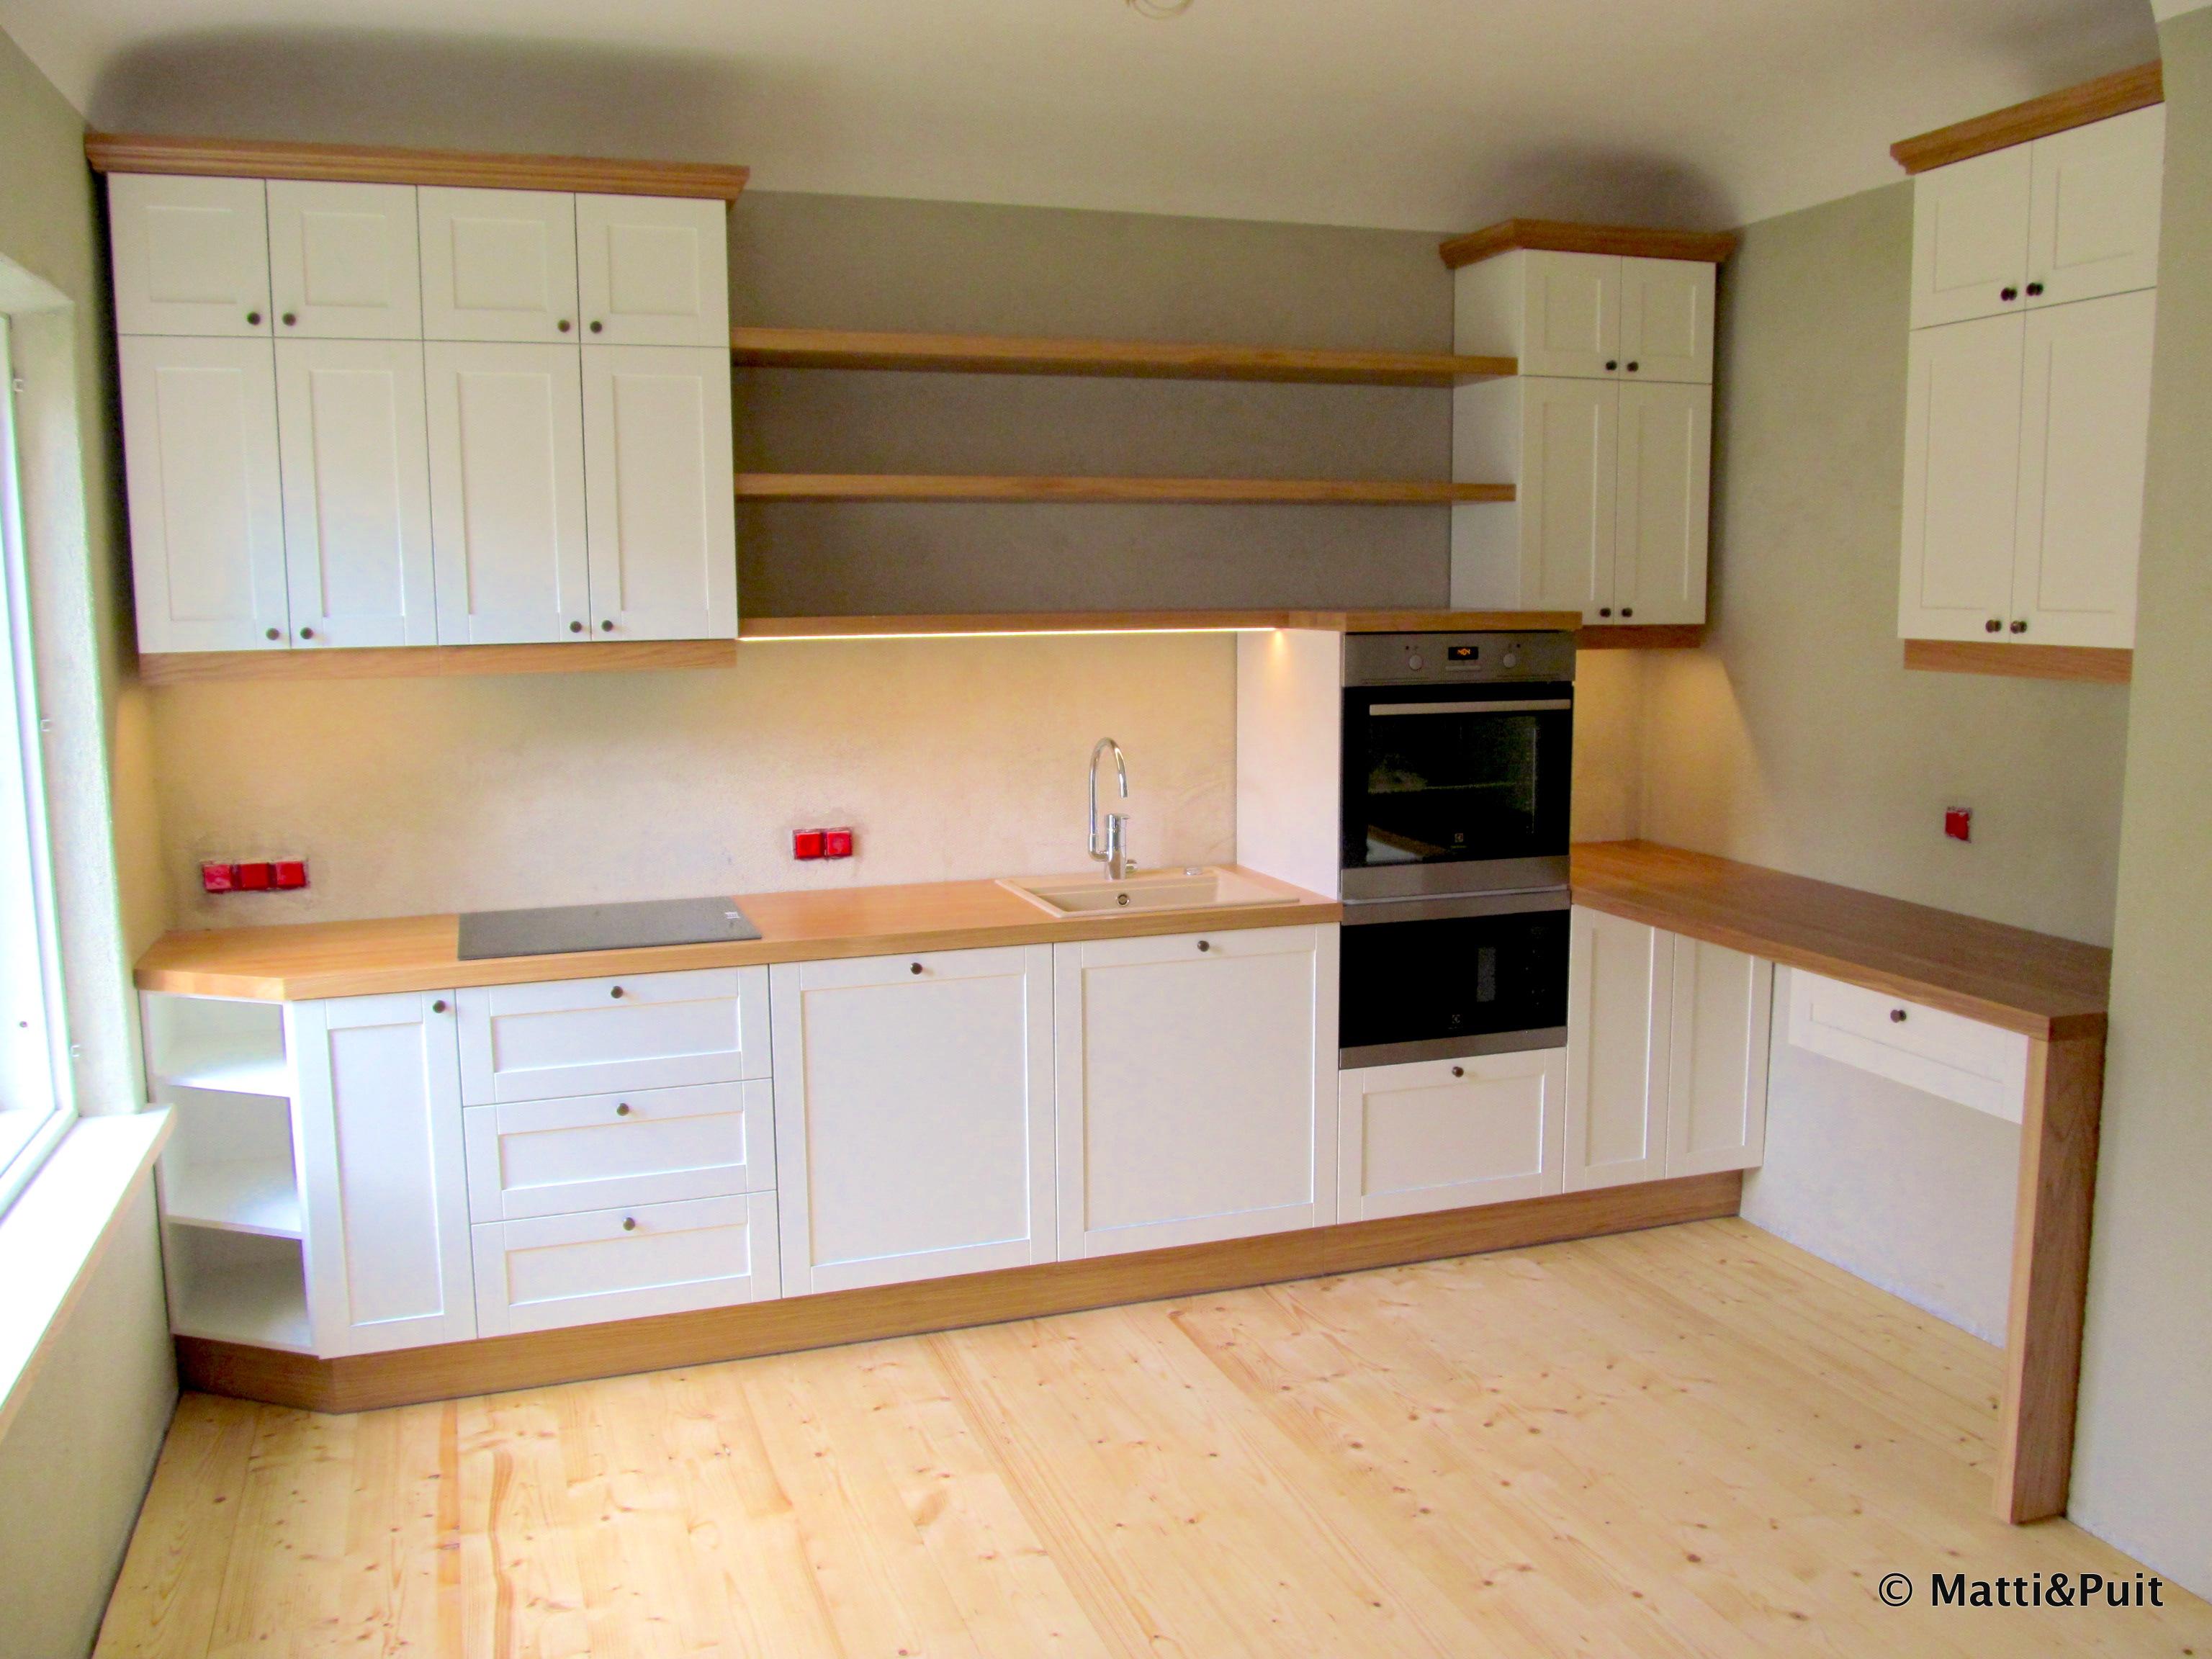 Täispuituste ja -tööpinnaga köögimööbel, mattipuit.ee